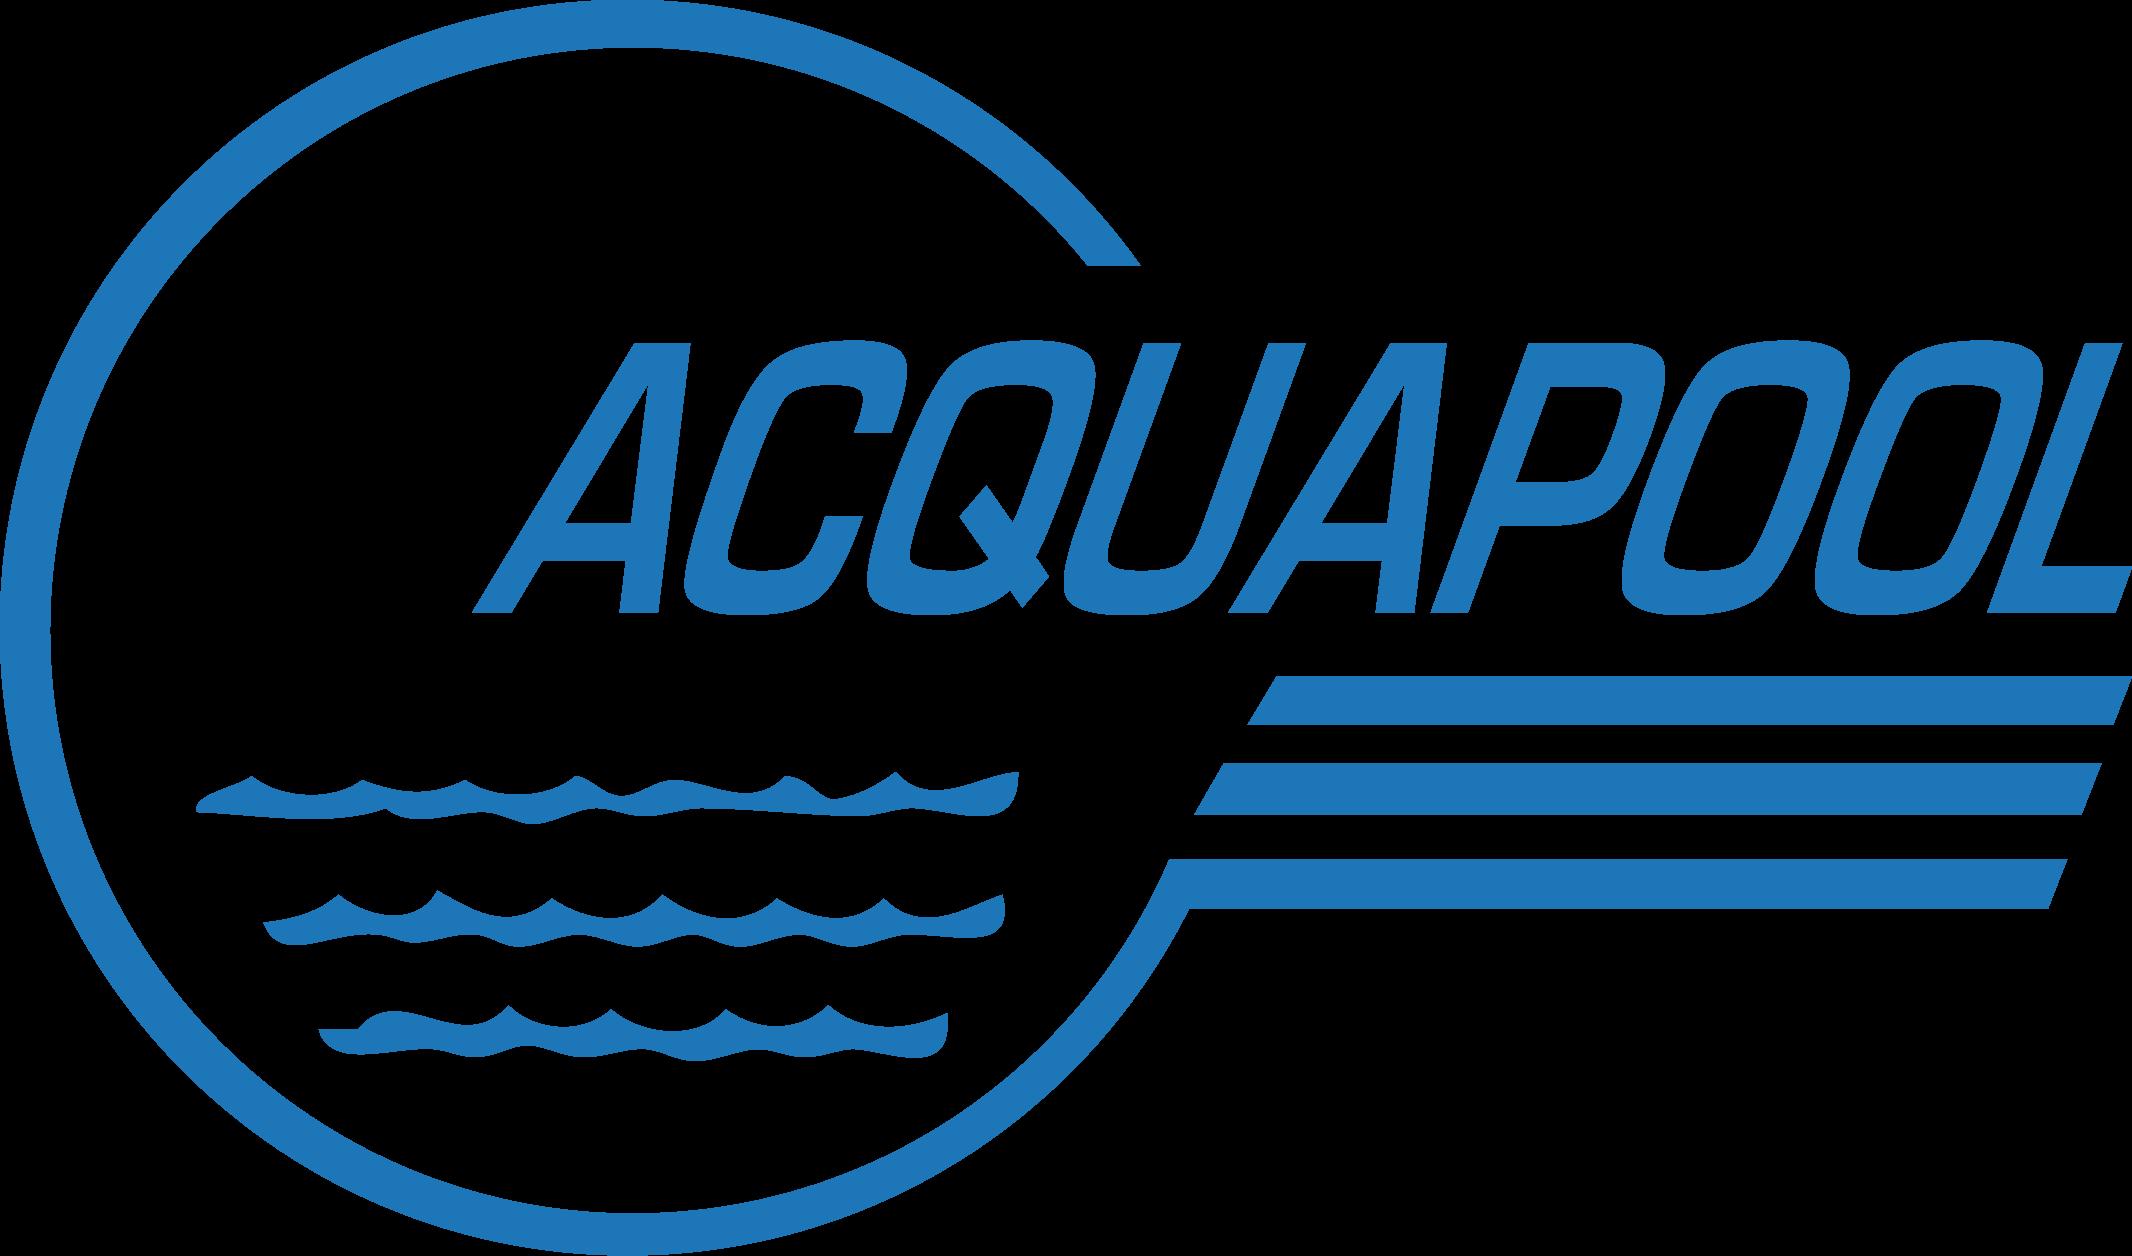 Acquapool